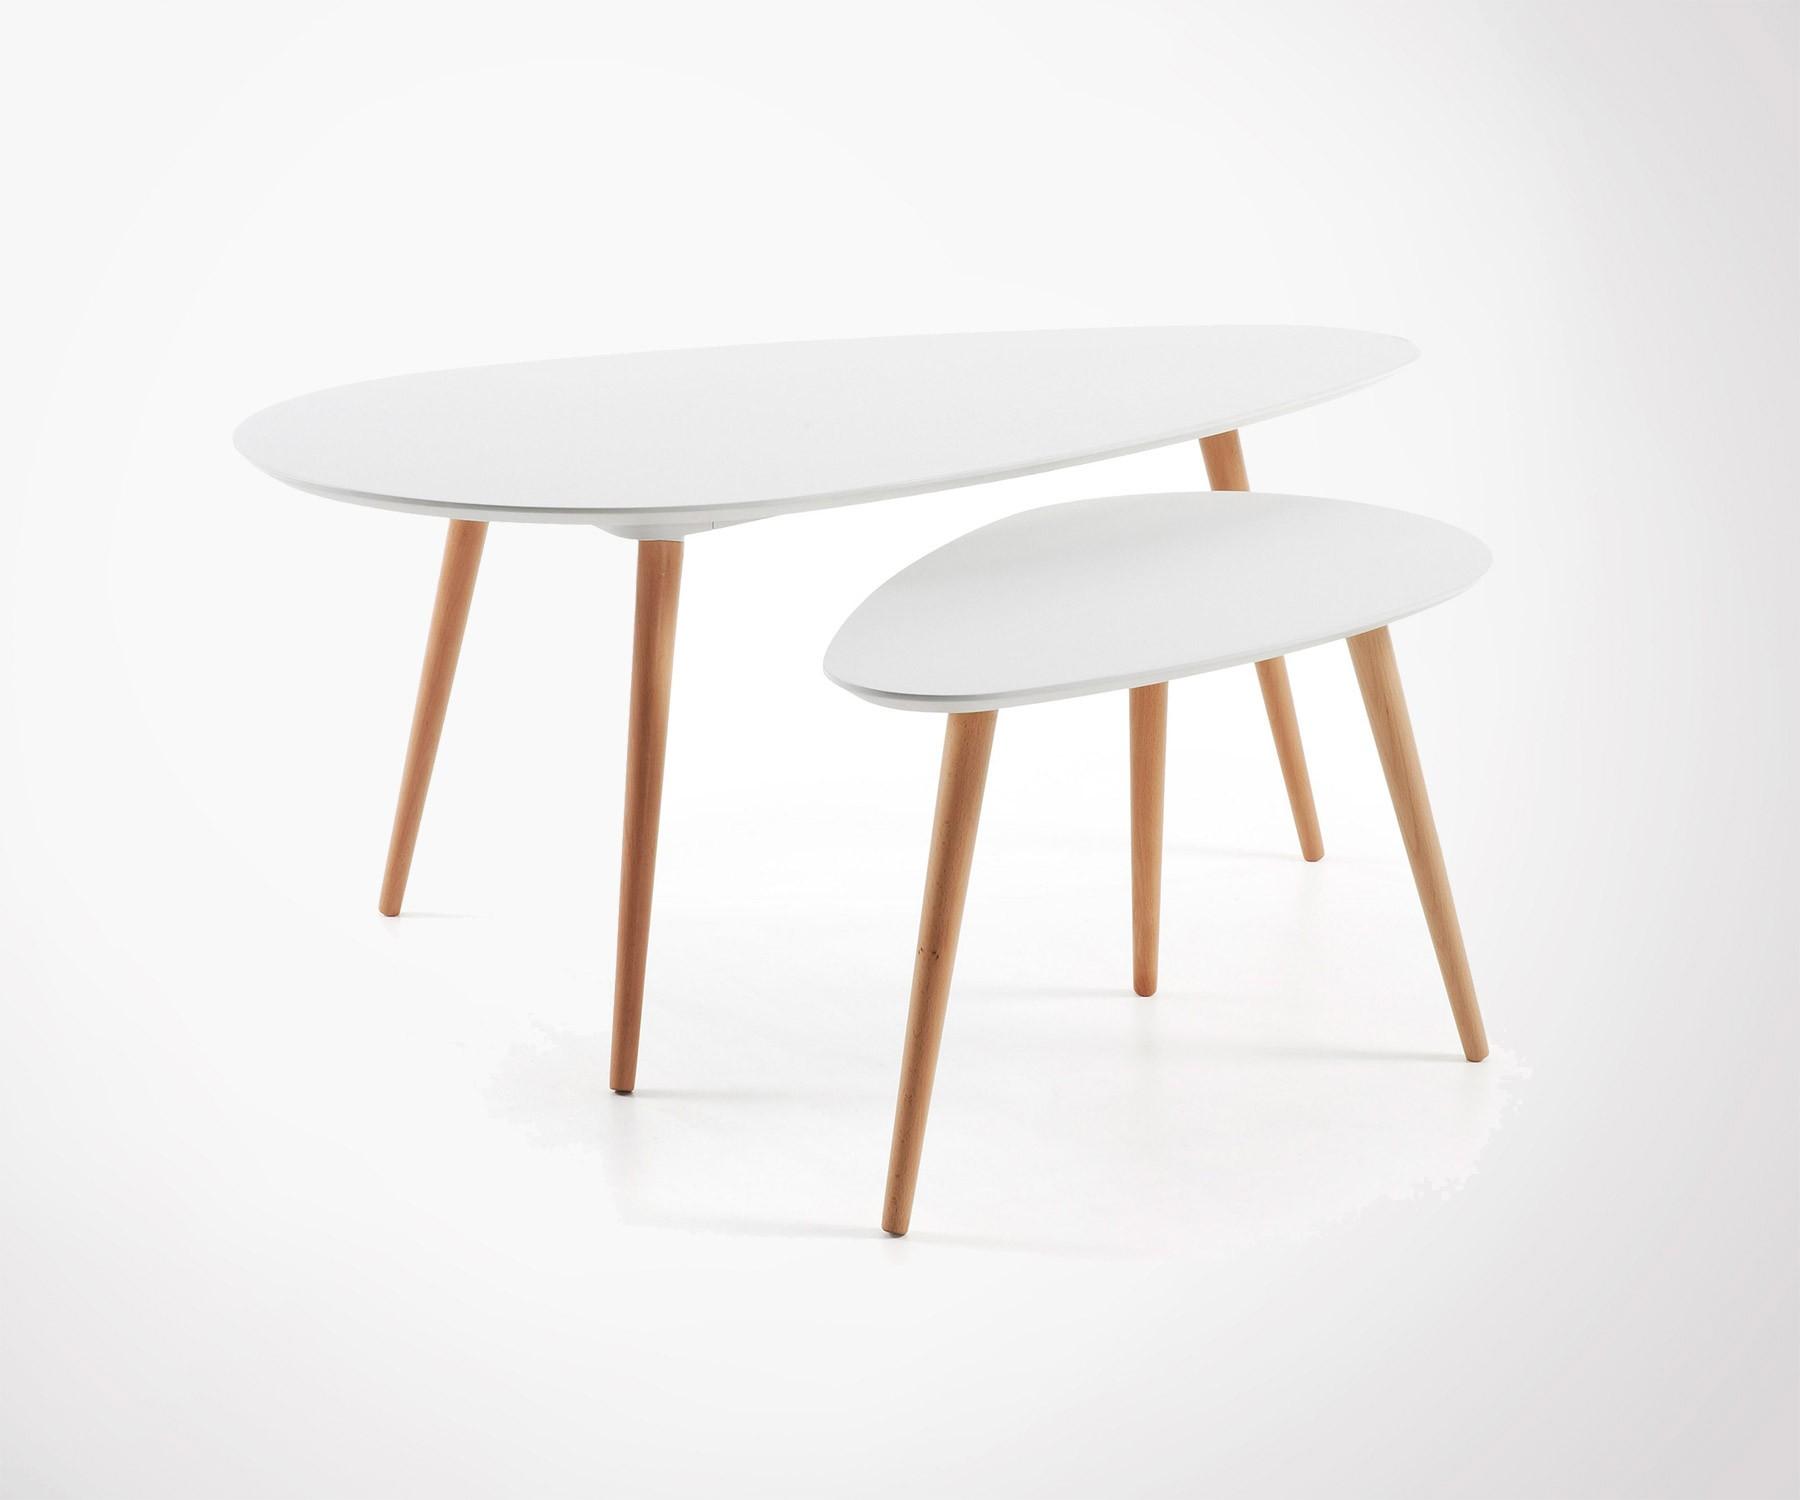 Scandinave Scandinave Basse Basse Design Totem Design Table Table lF3T1KJc